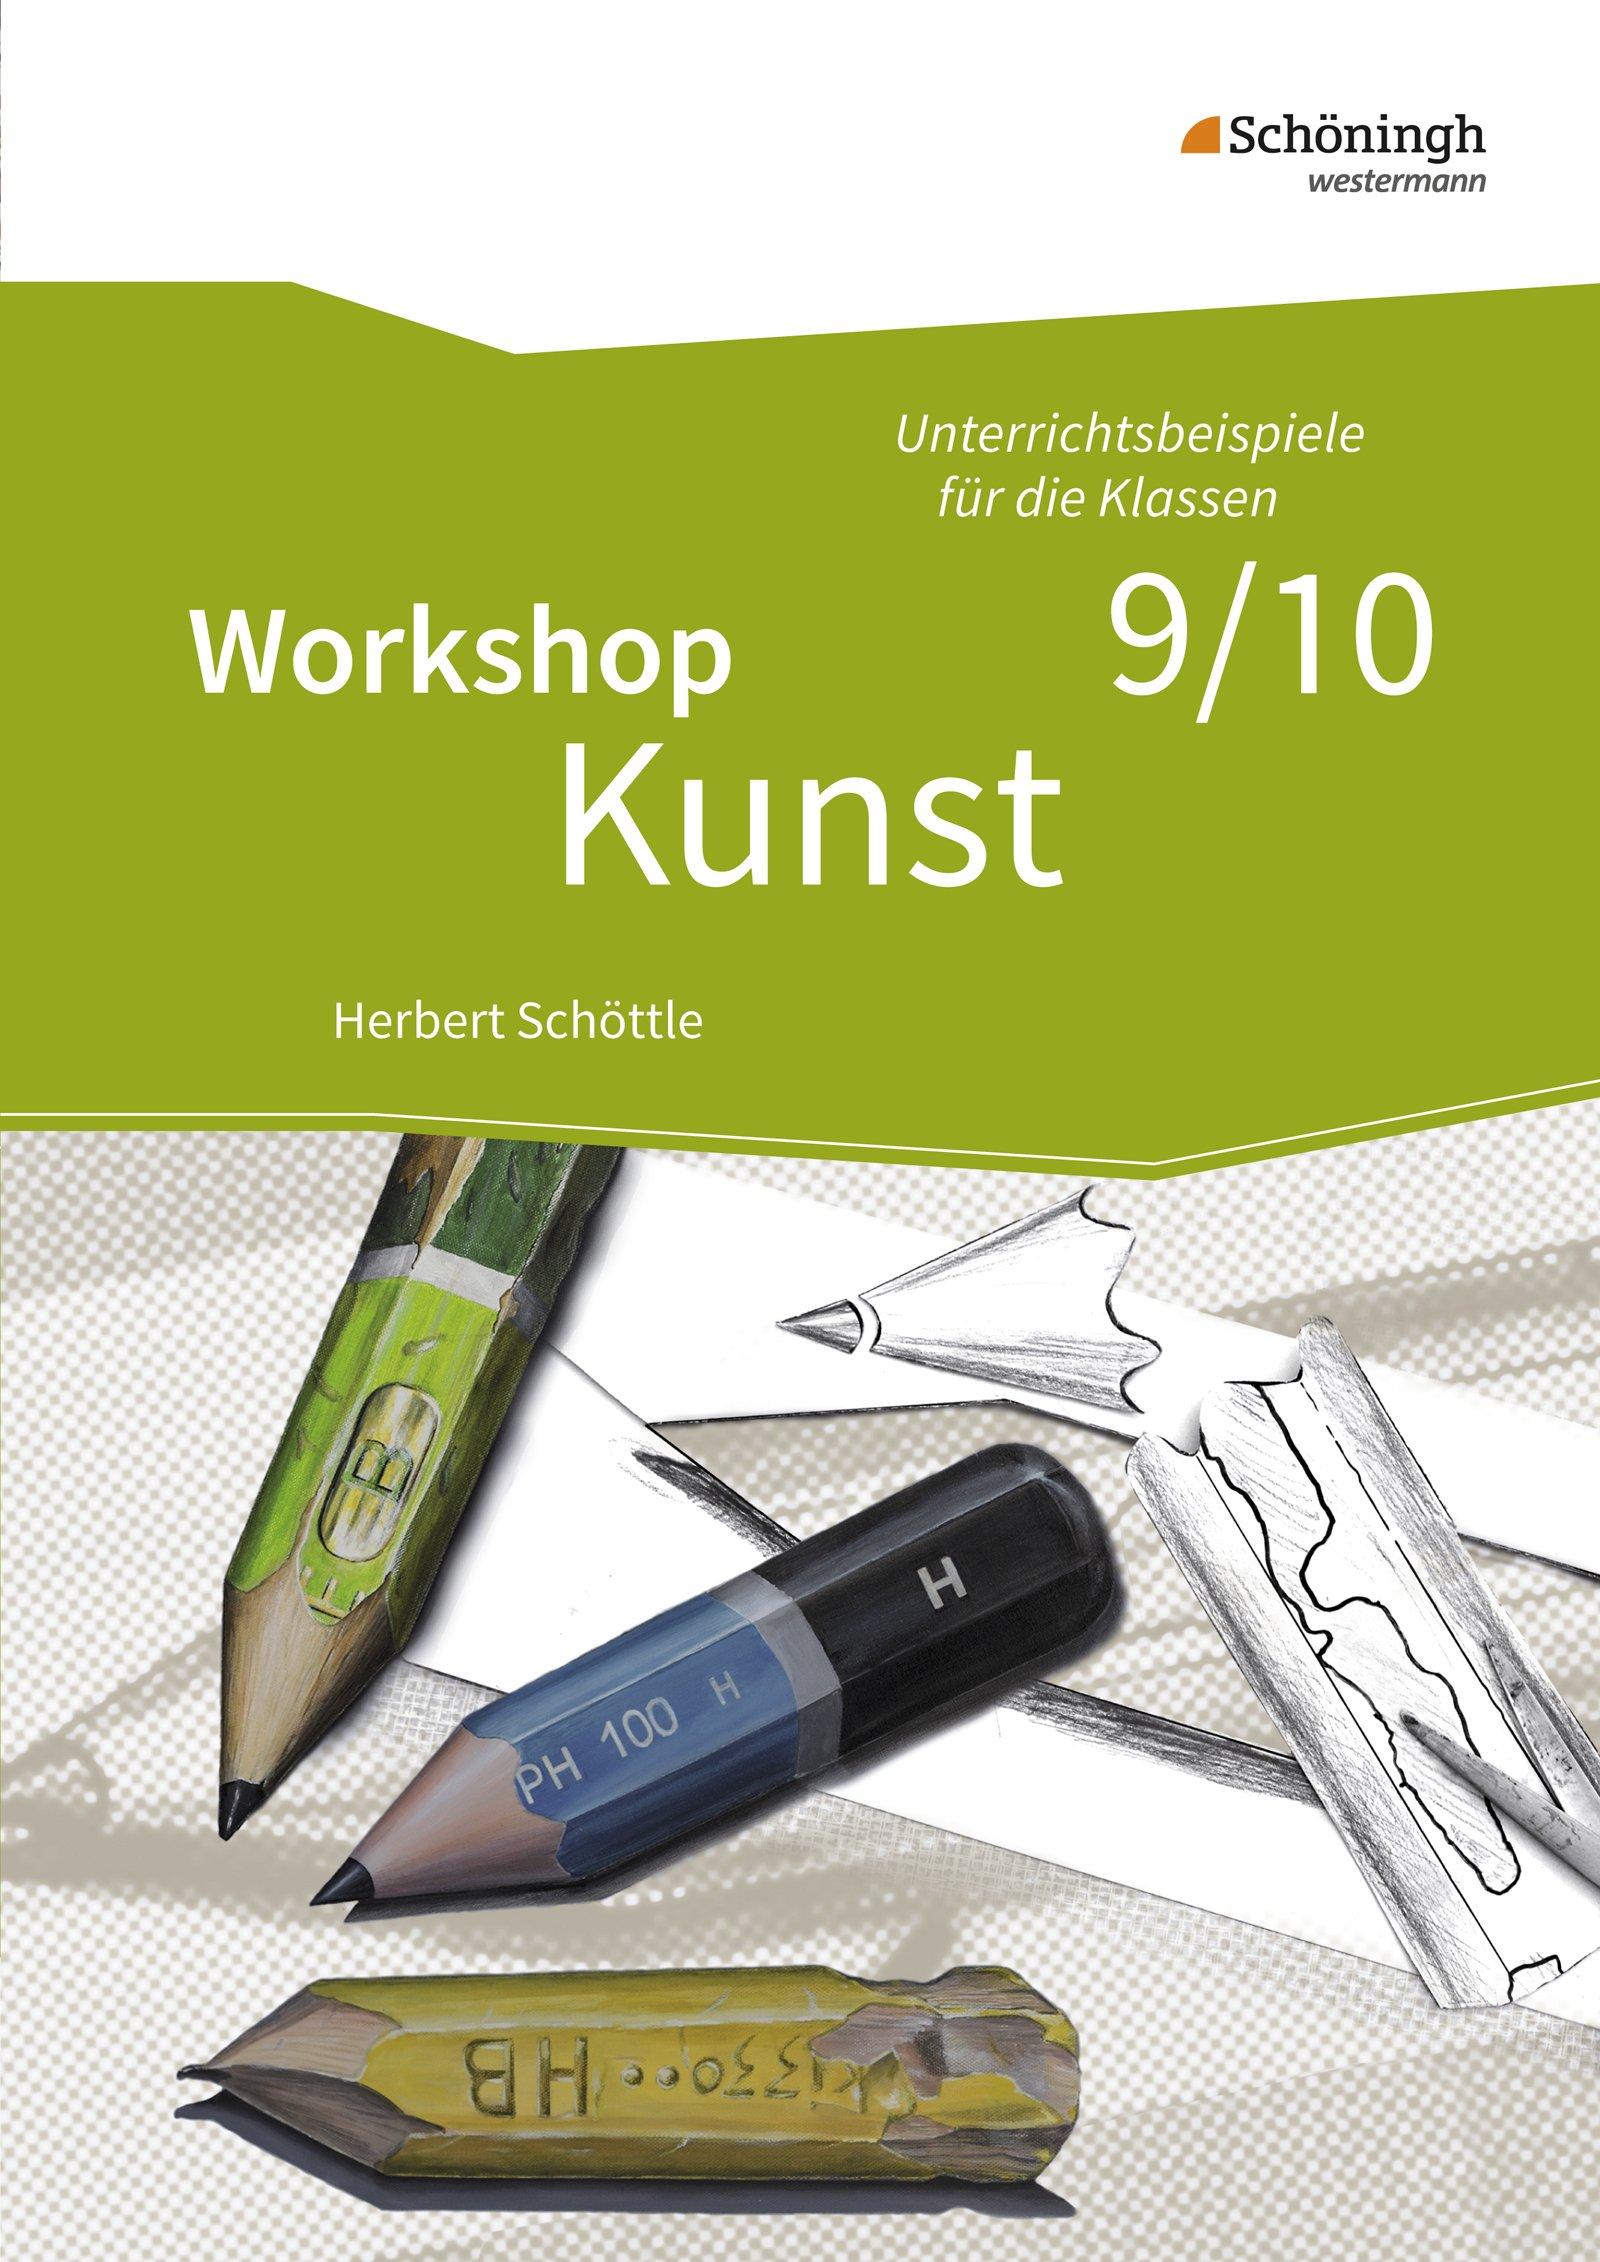 Workshop Kunst: Band 3: Unterrichtsbeispiele für die Klassenstufen 9/10: mit CD-ROM